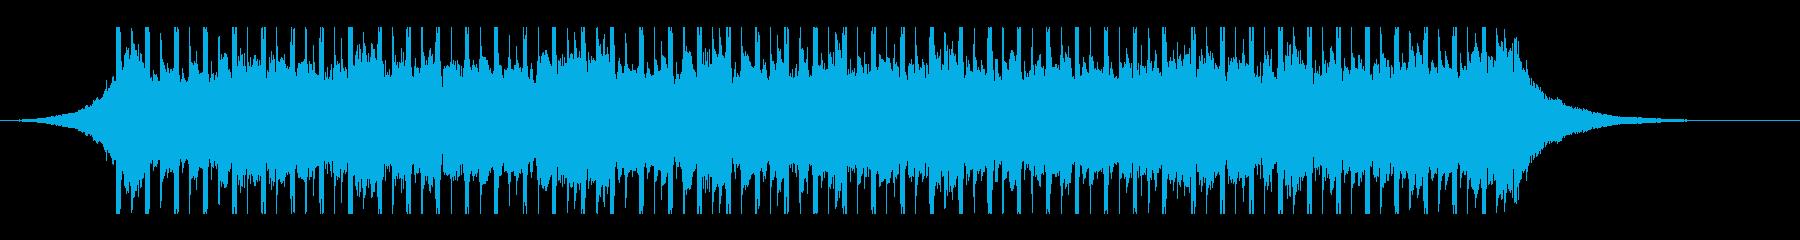 建設工事(30秒)の再生済みの波形